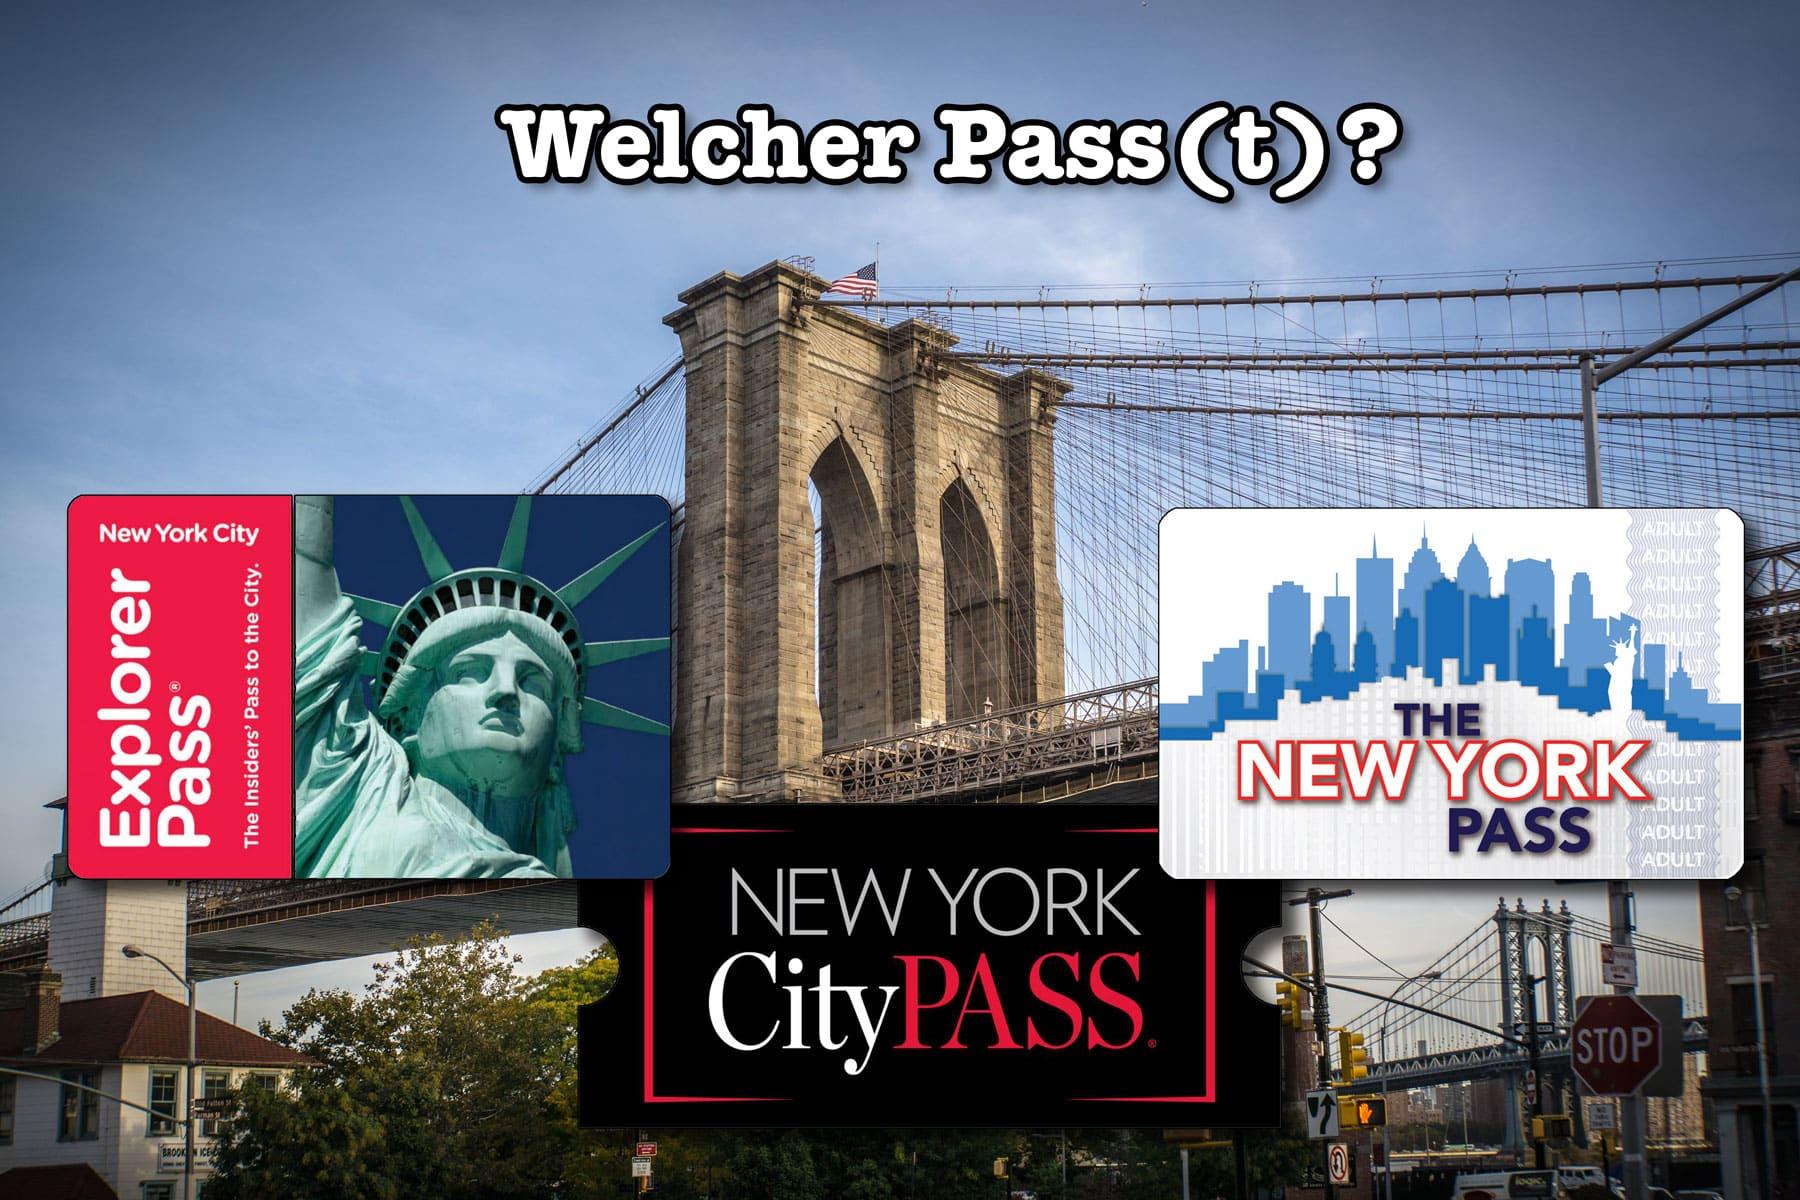 new york pass citypass oder explorerpass welcher pass t travel with kids. Black Bedroom Furniture Sets. Home Design Ideas